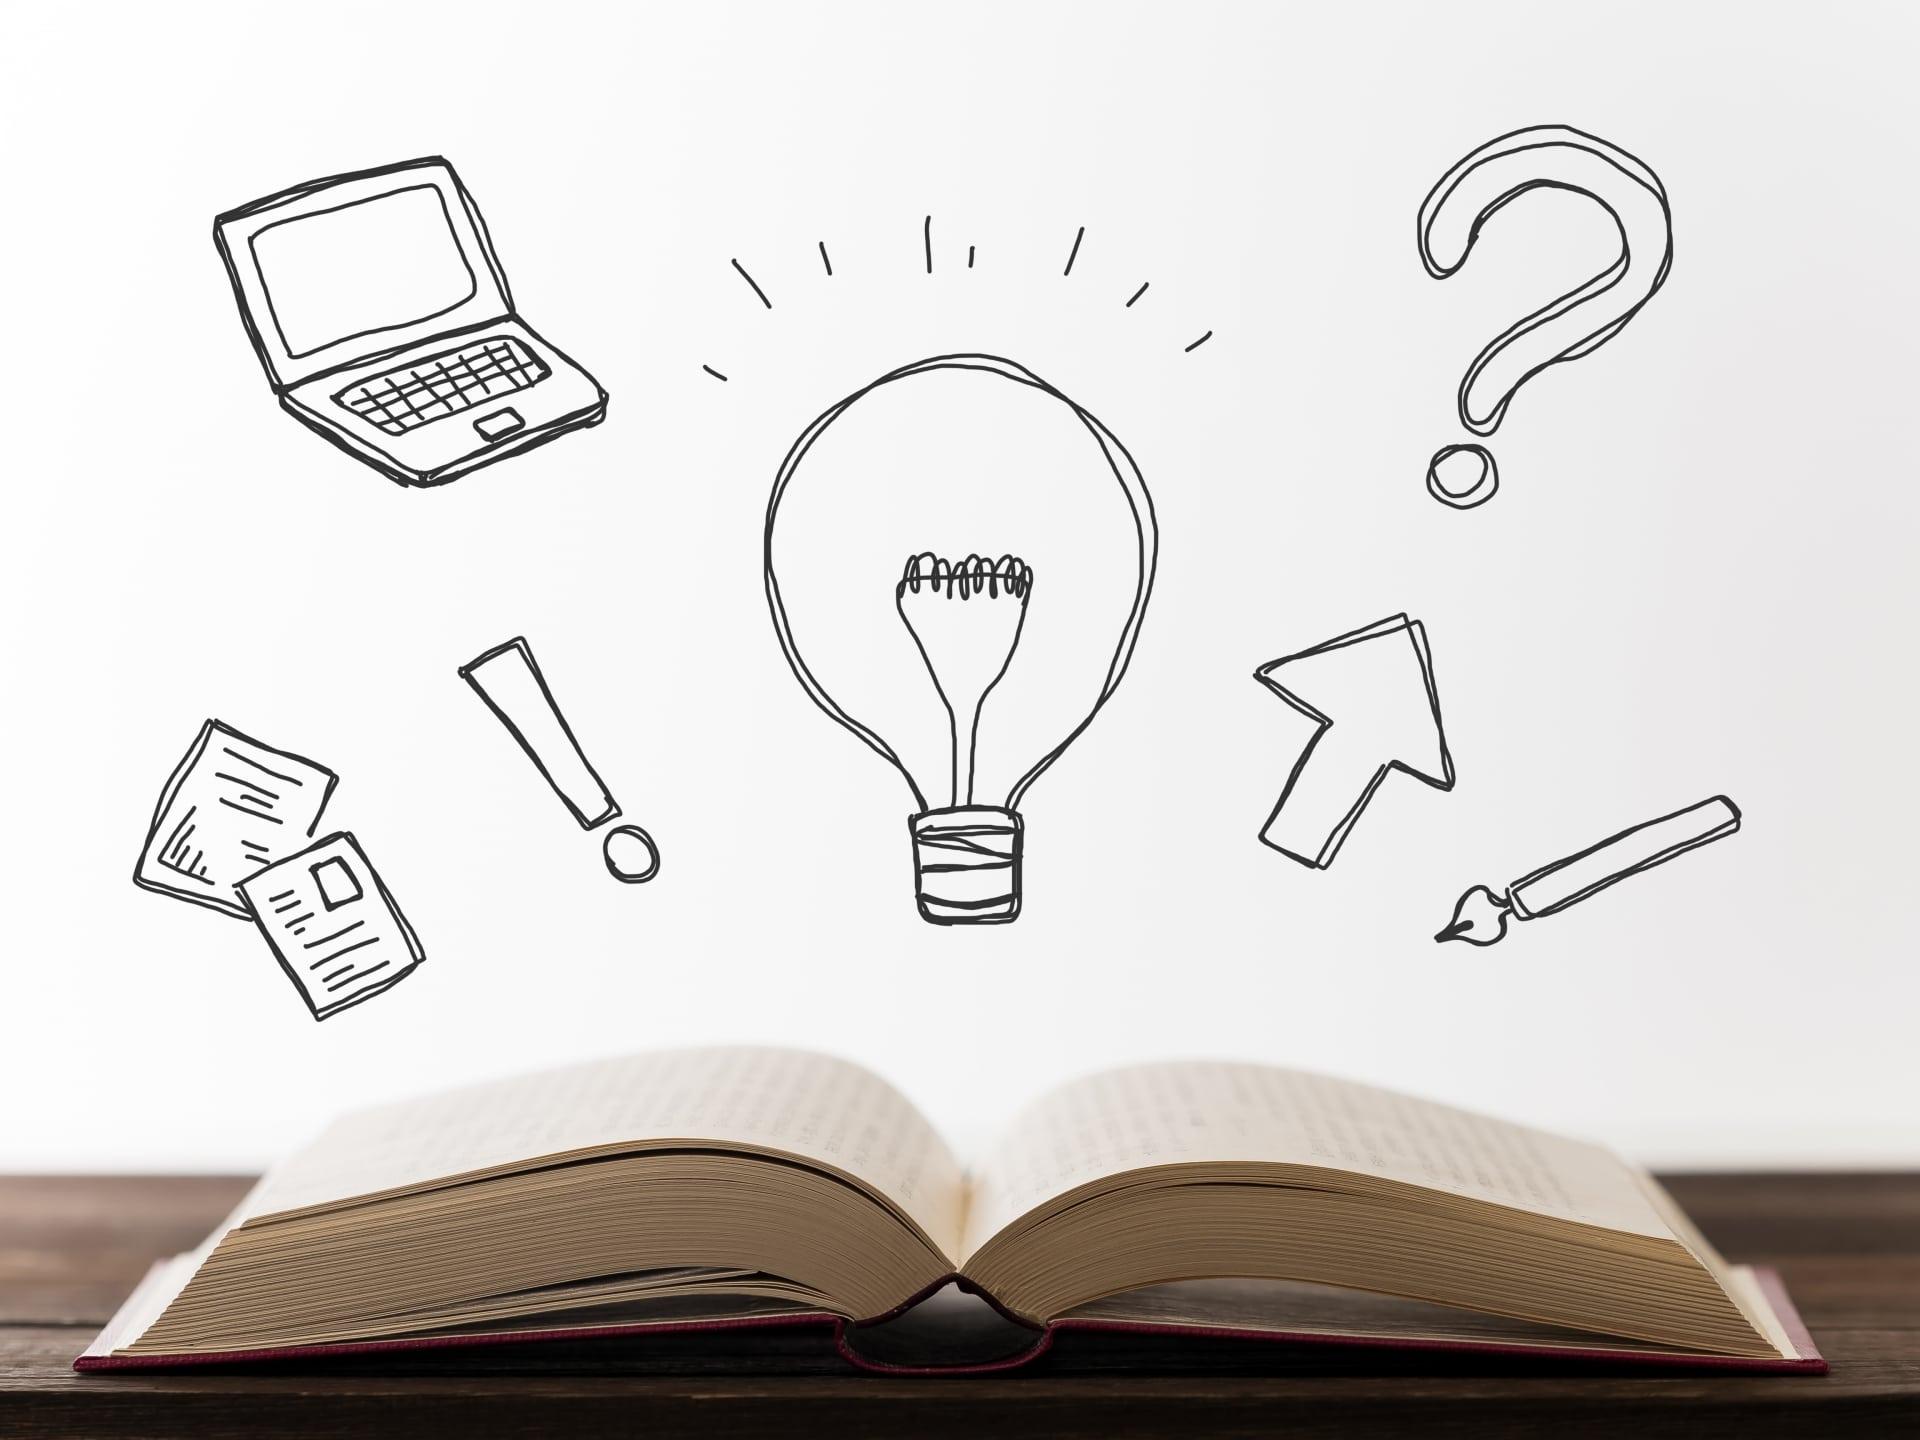 独学で勉強する方法を探す